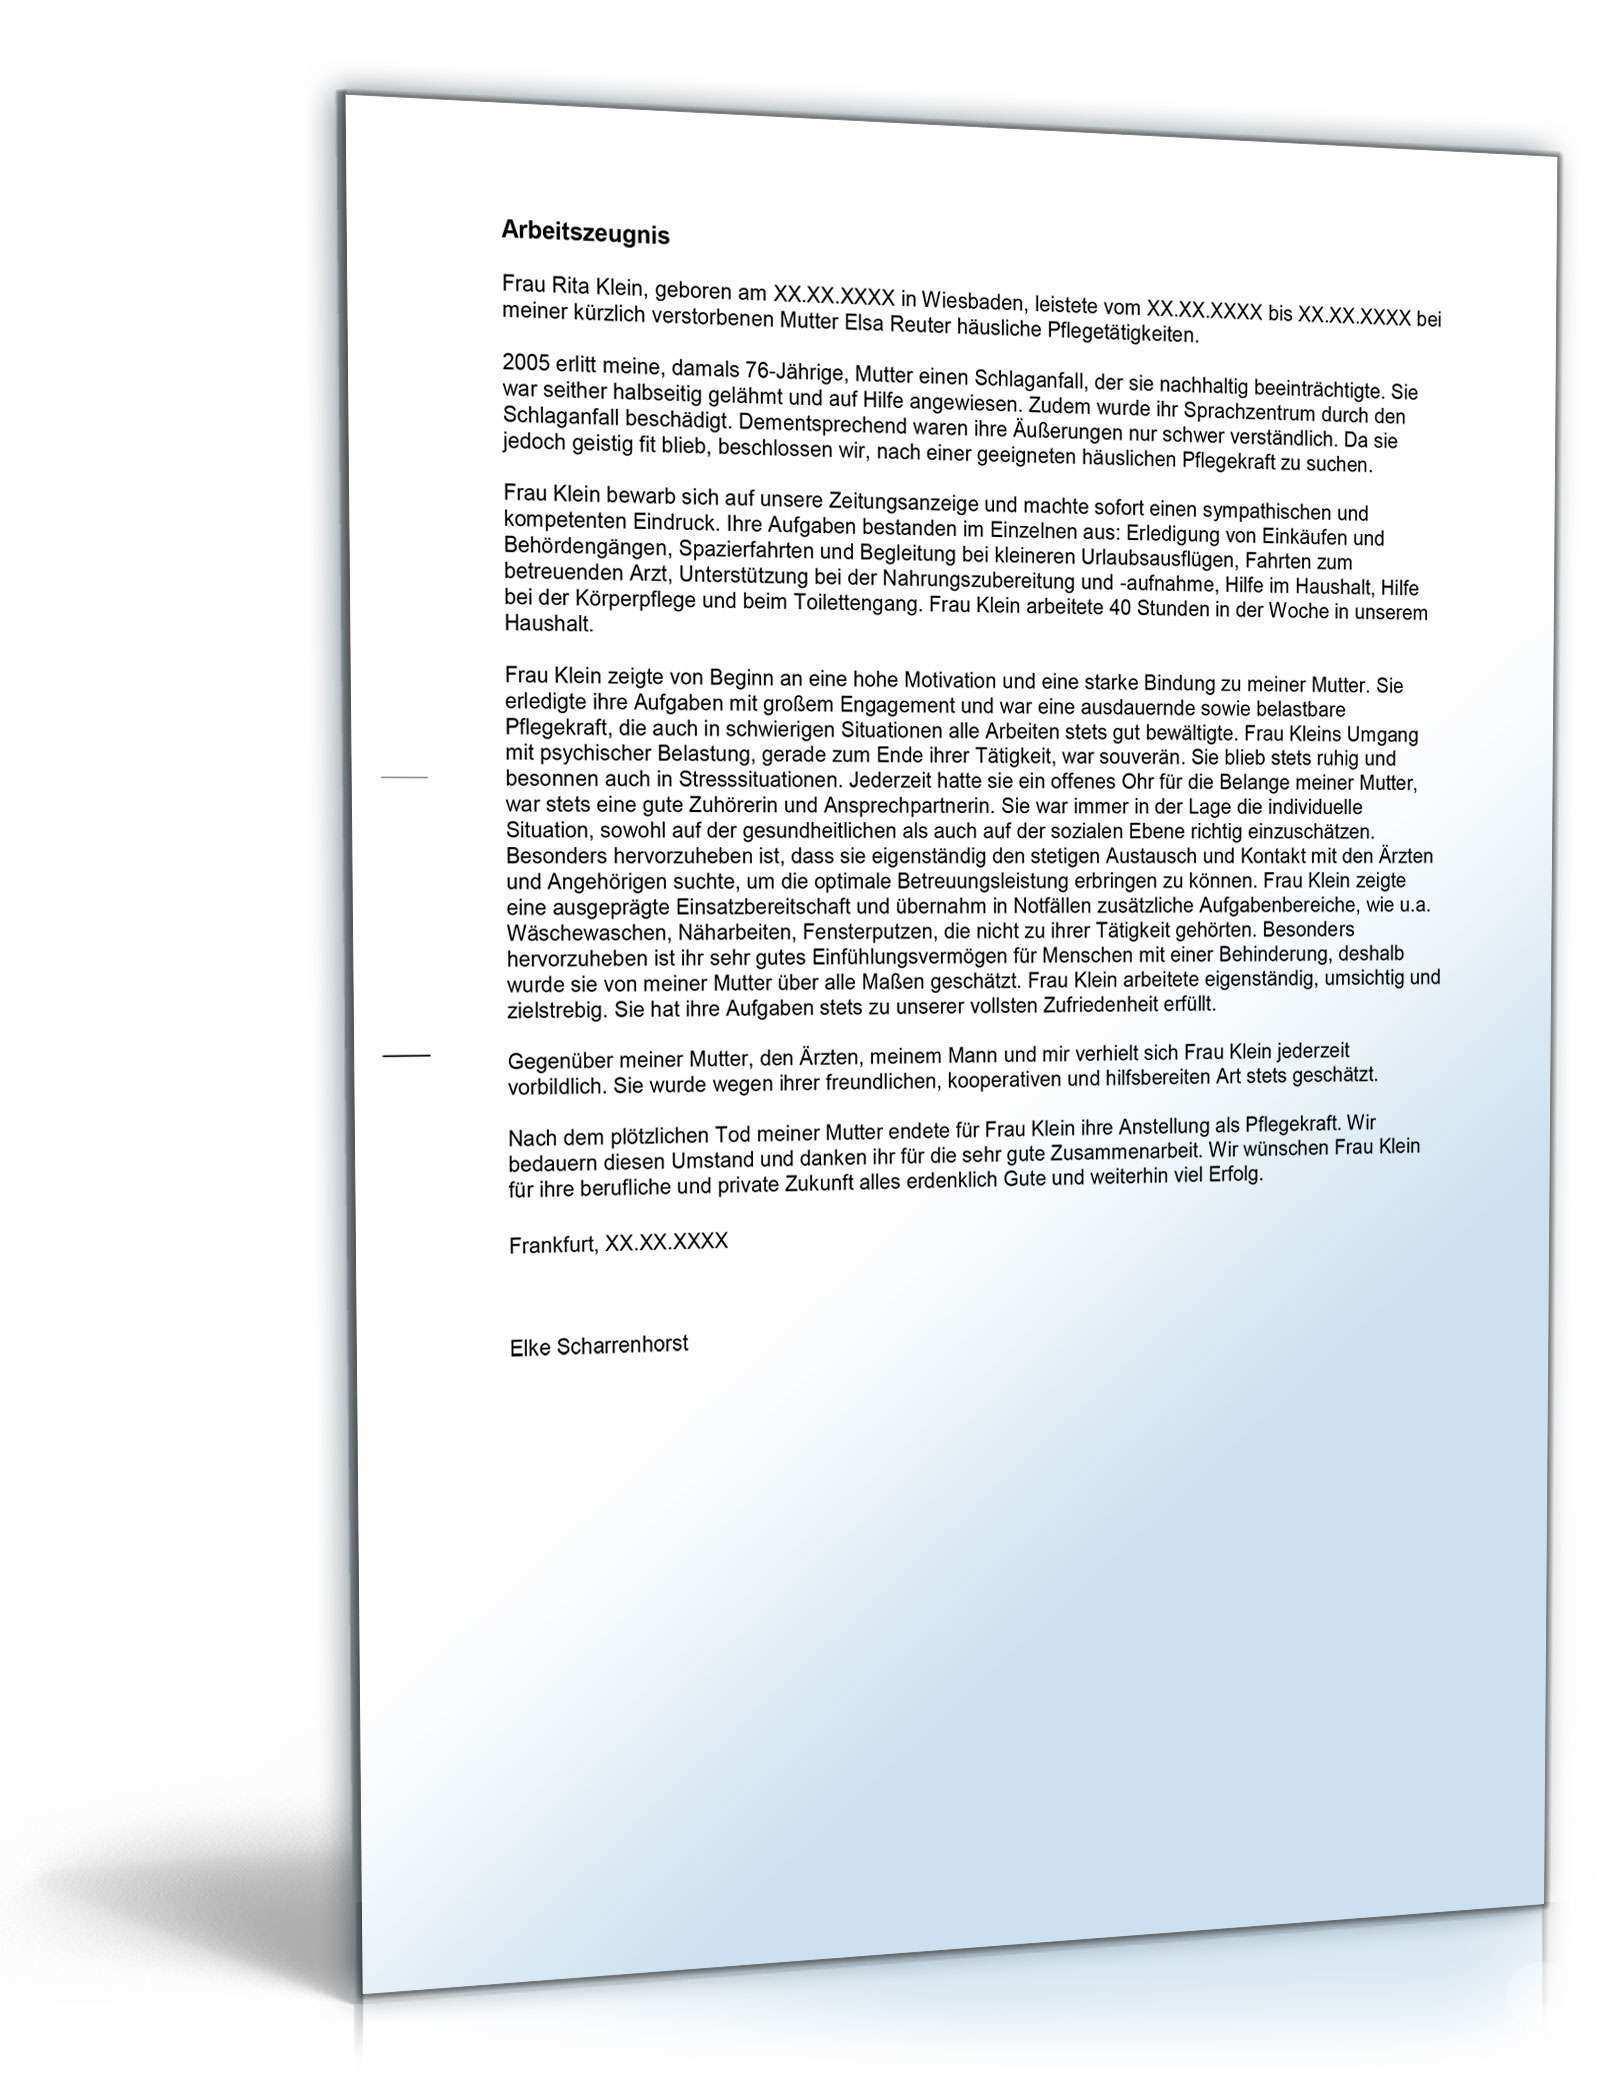 Arbeitszeugnis Pflegehelfer Rechtssichere Muster Downloaden